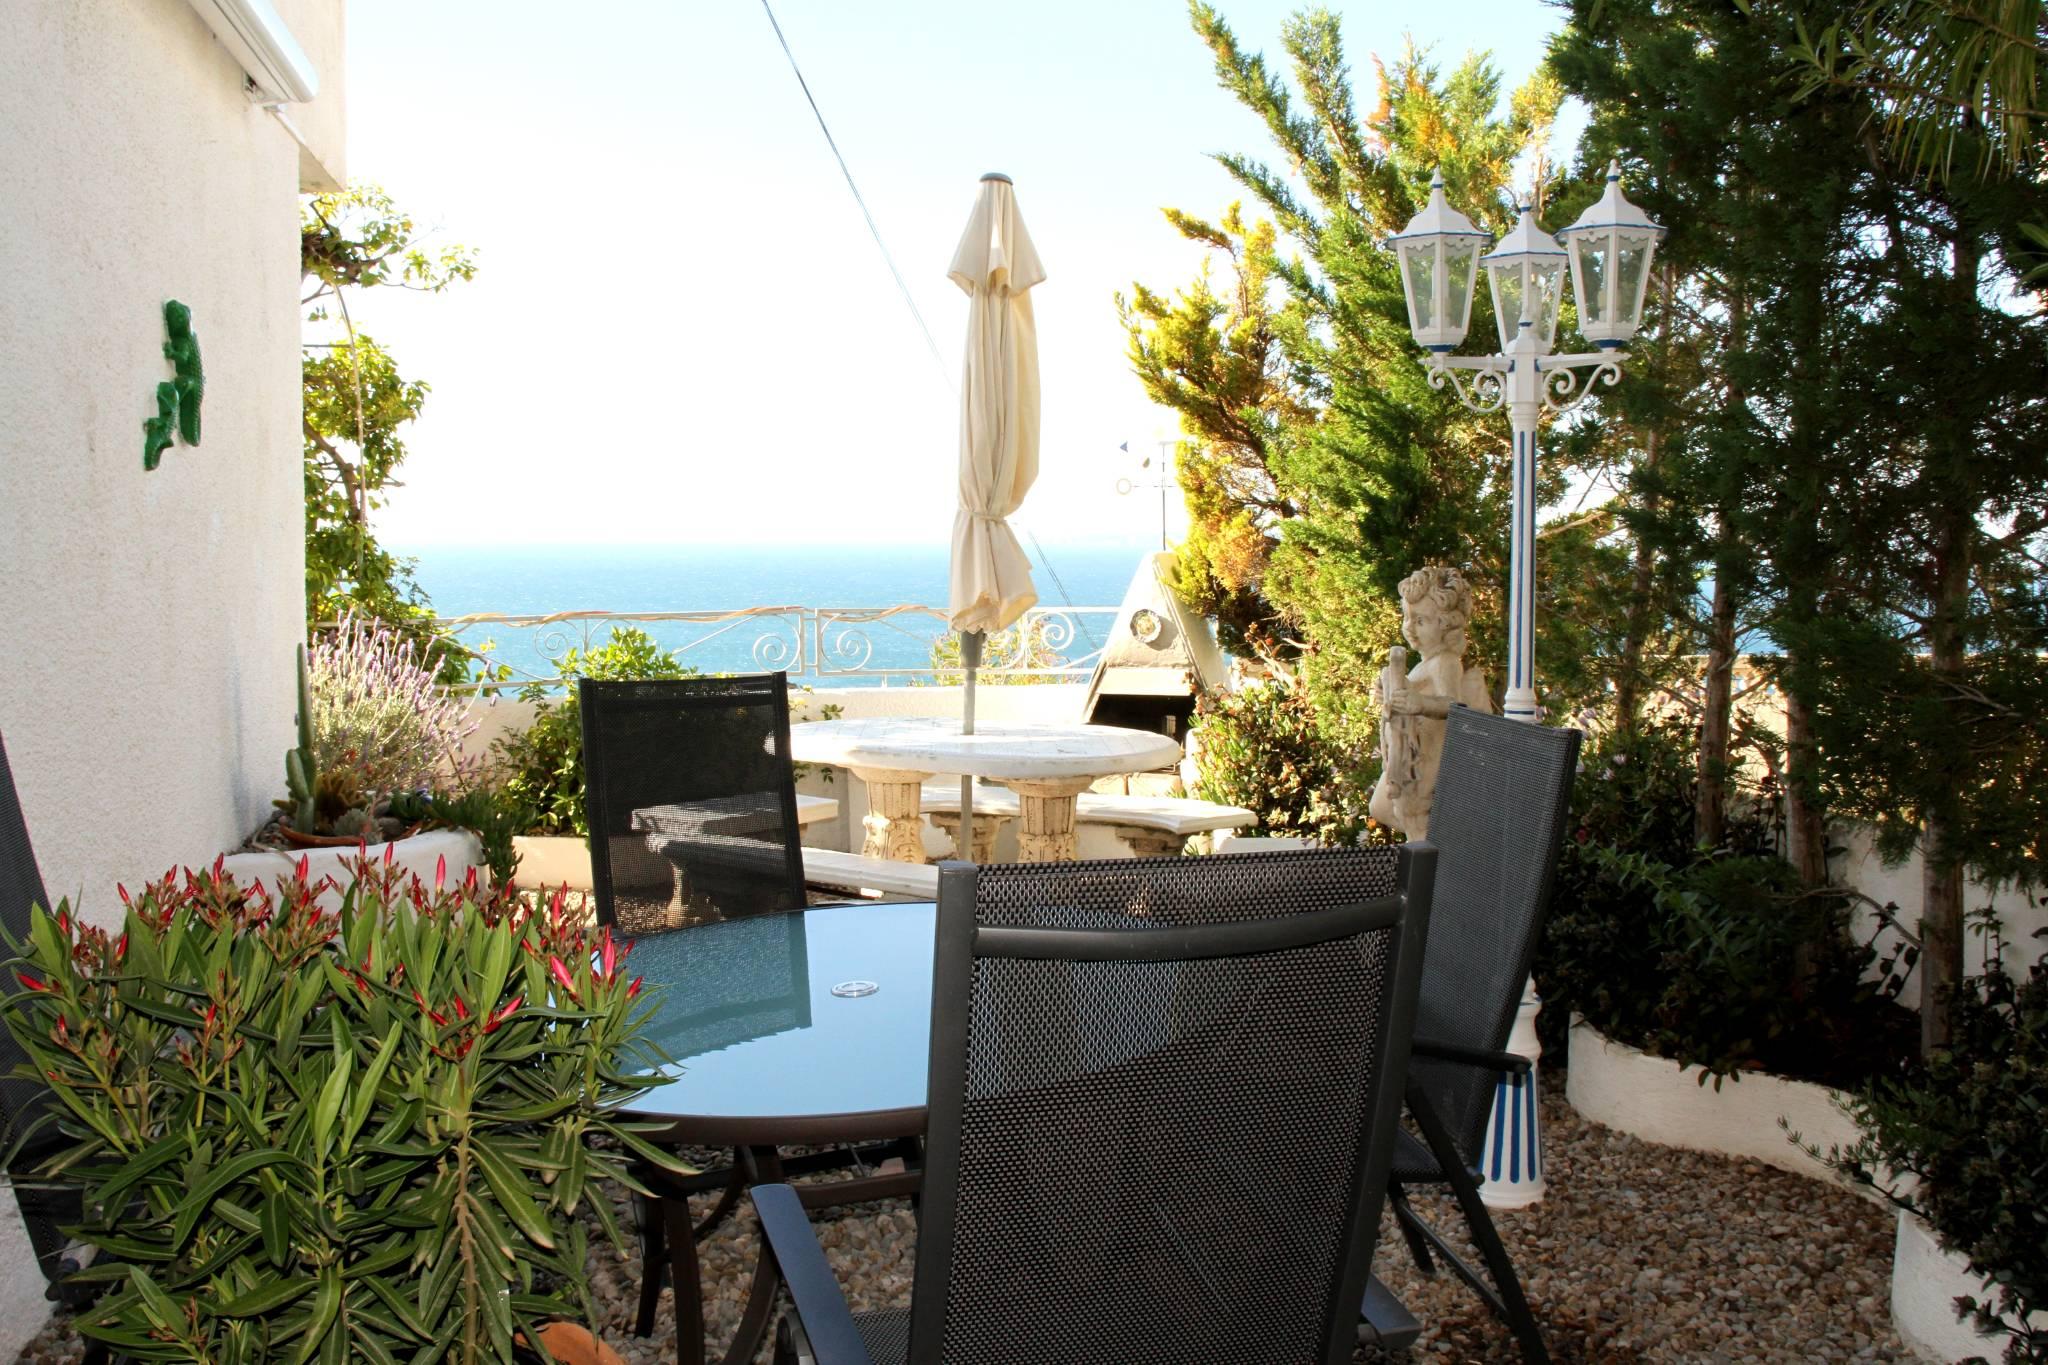 Garten mit Sonnenschutz